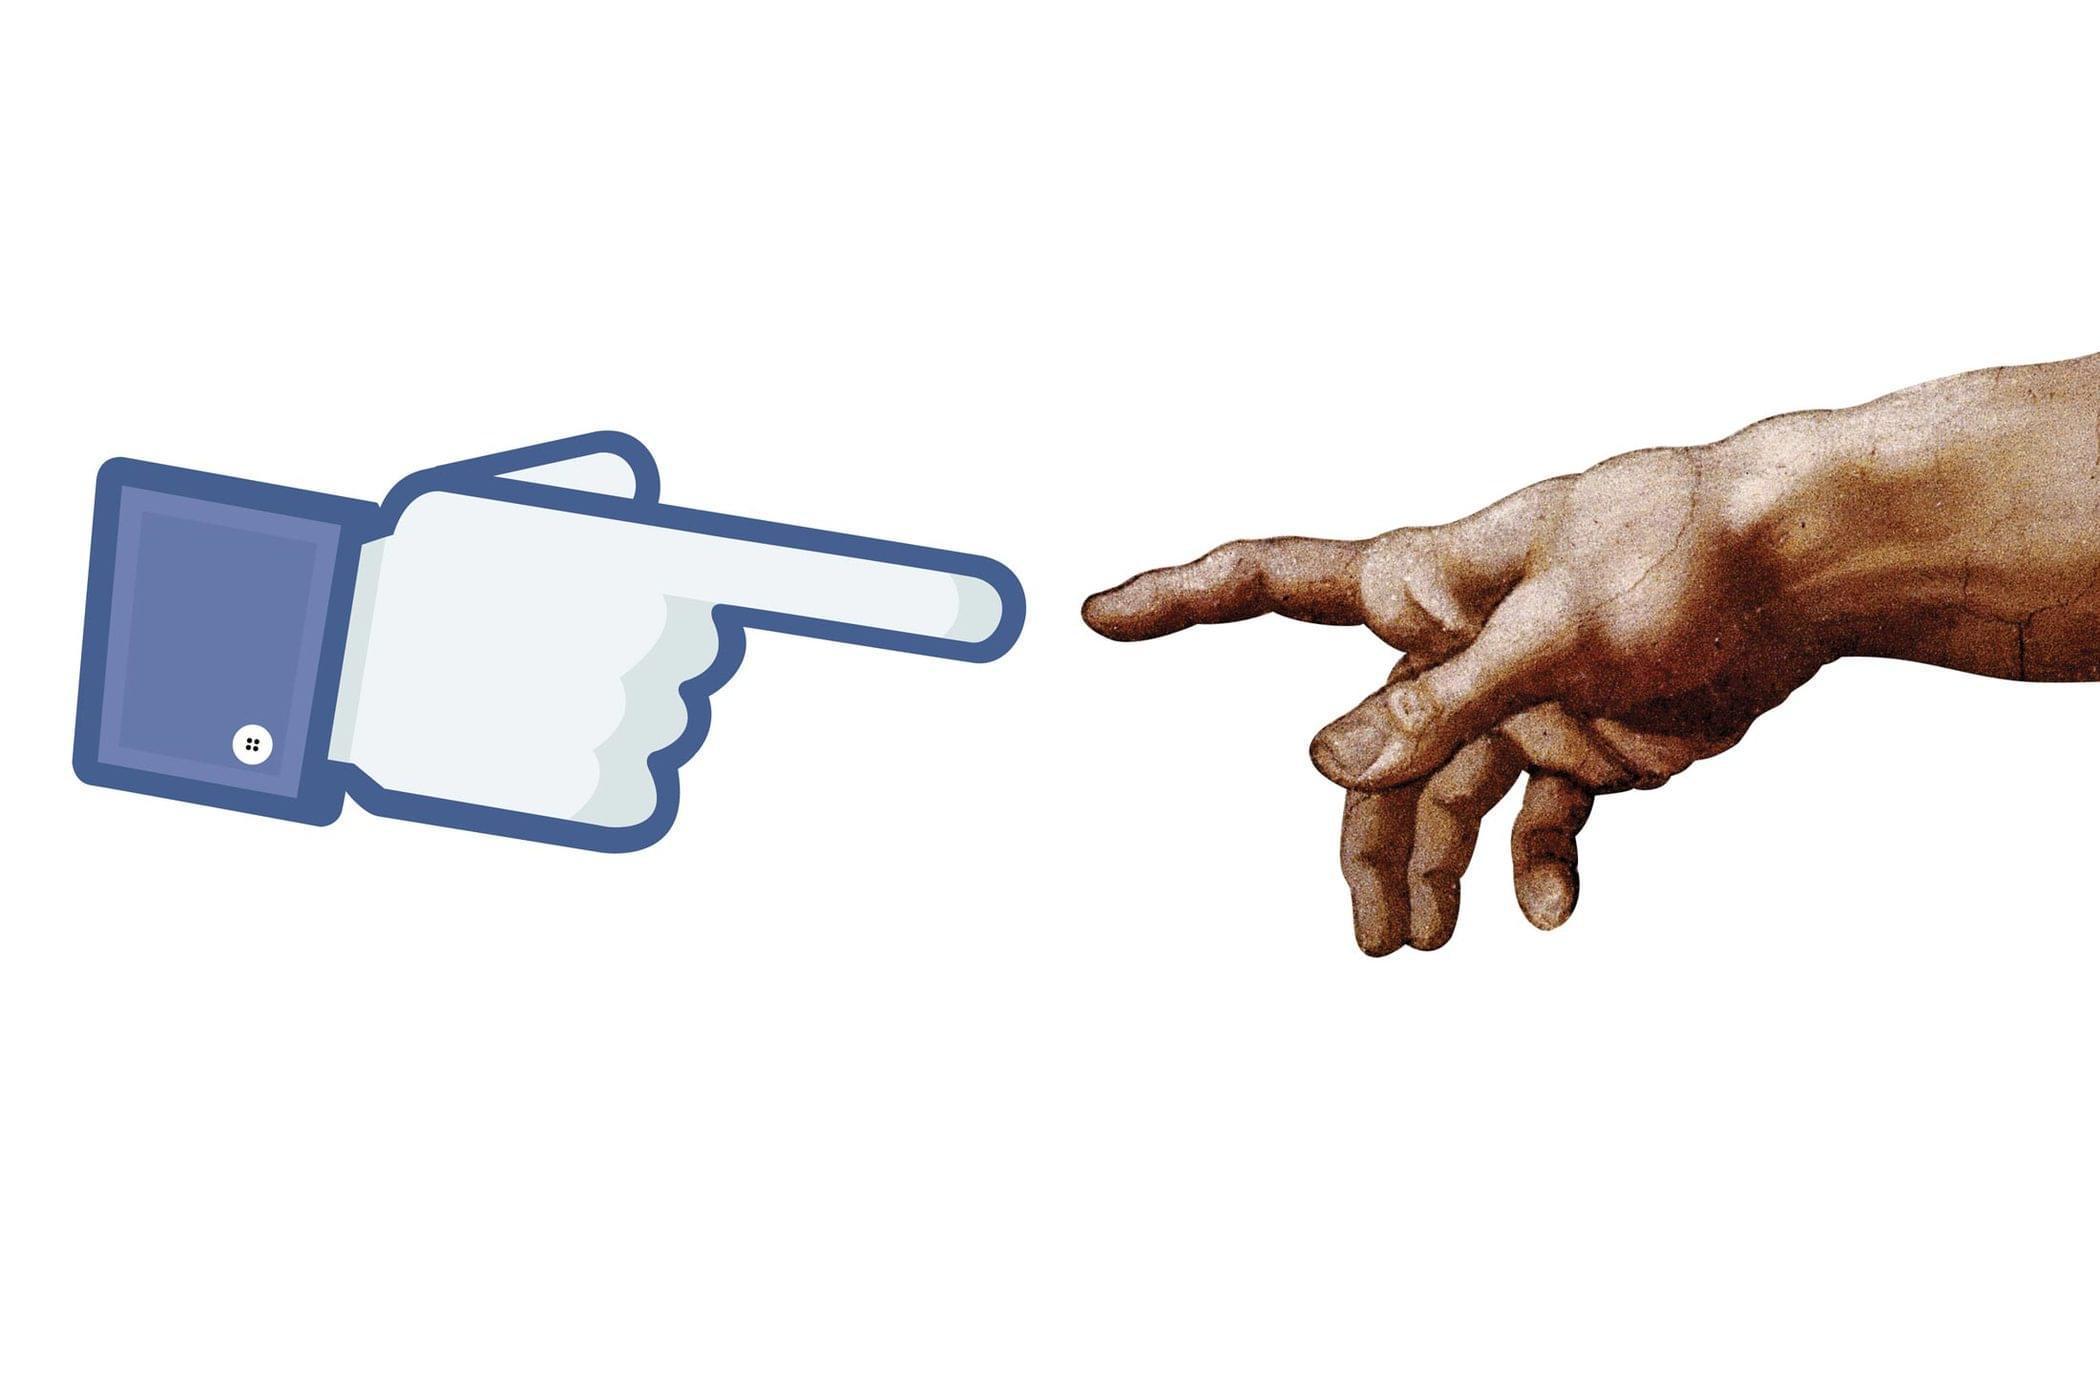 融入骨髓 谷歌Facebook的未来愿景还是基于广告